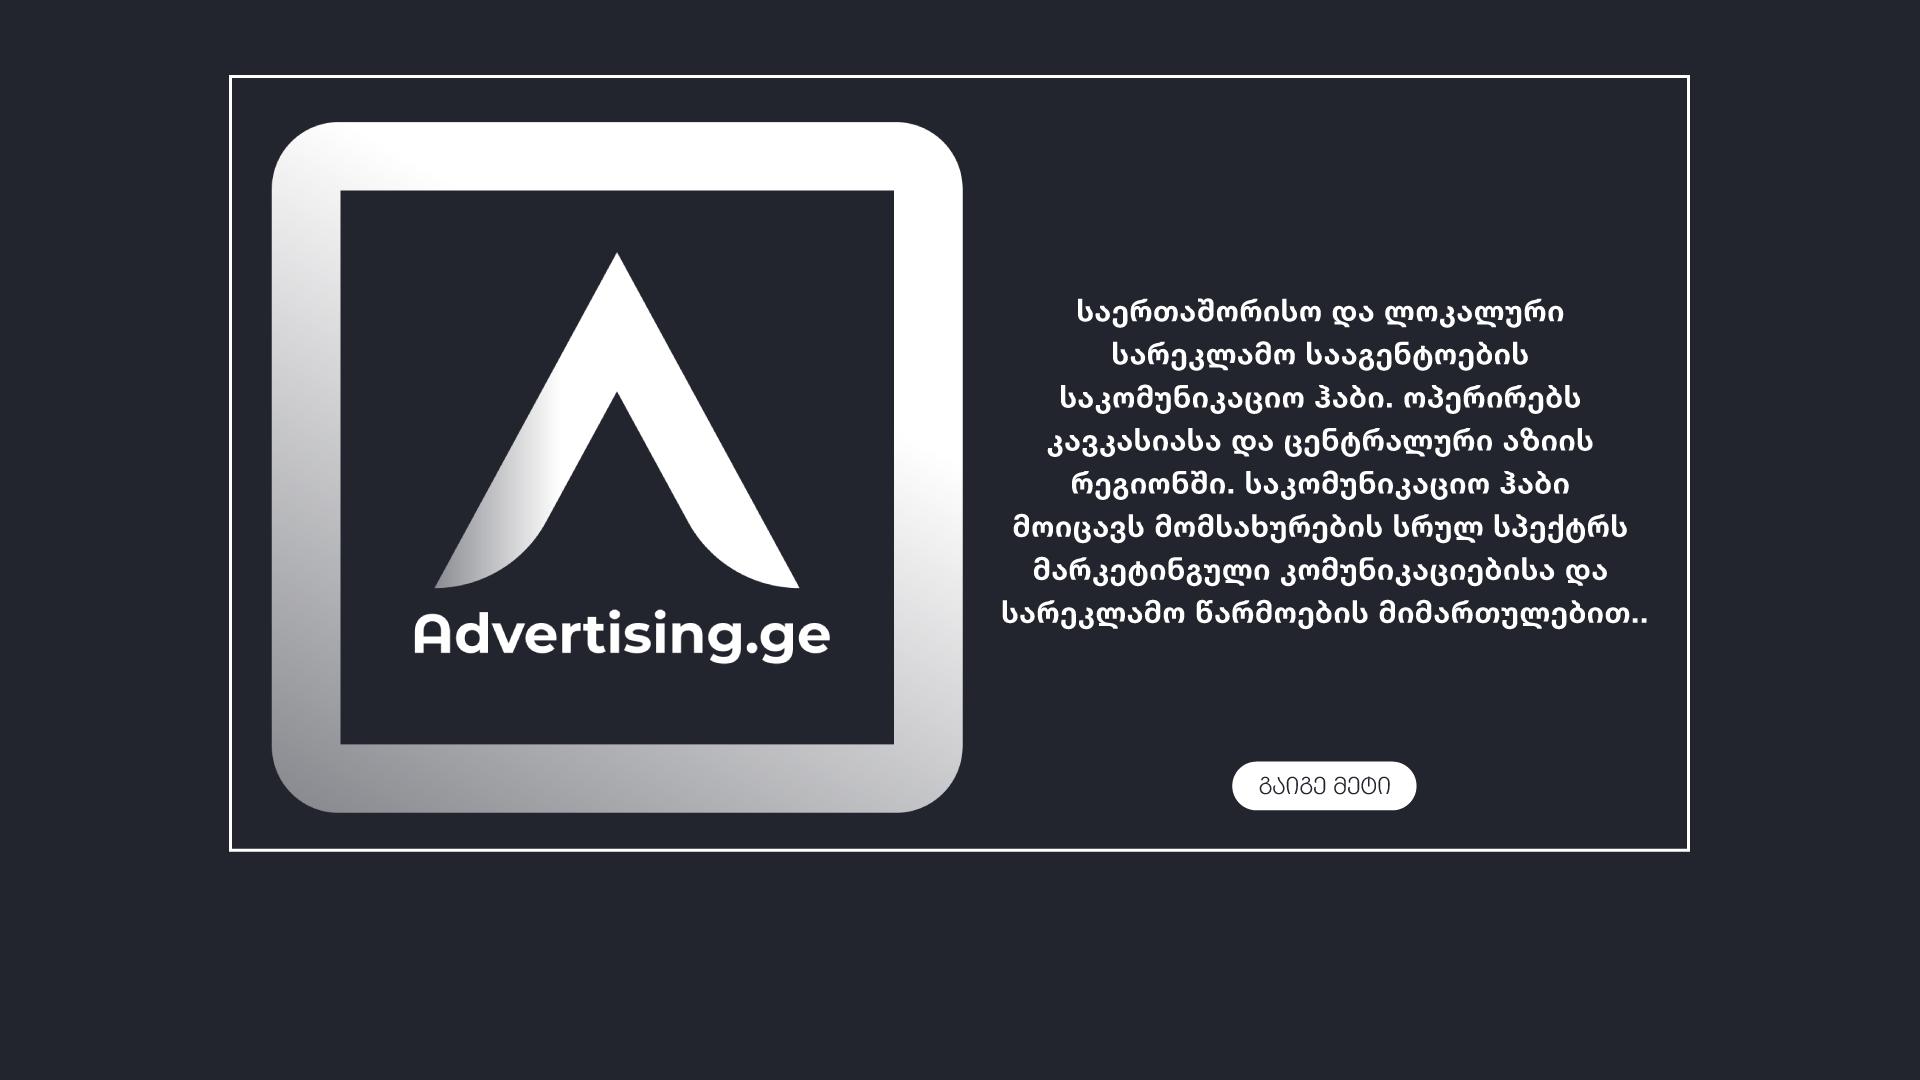 Advertising.ge